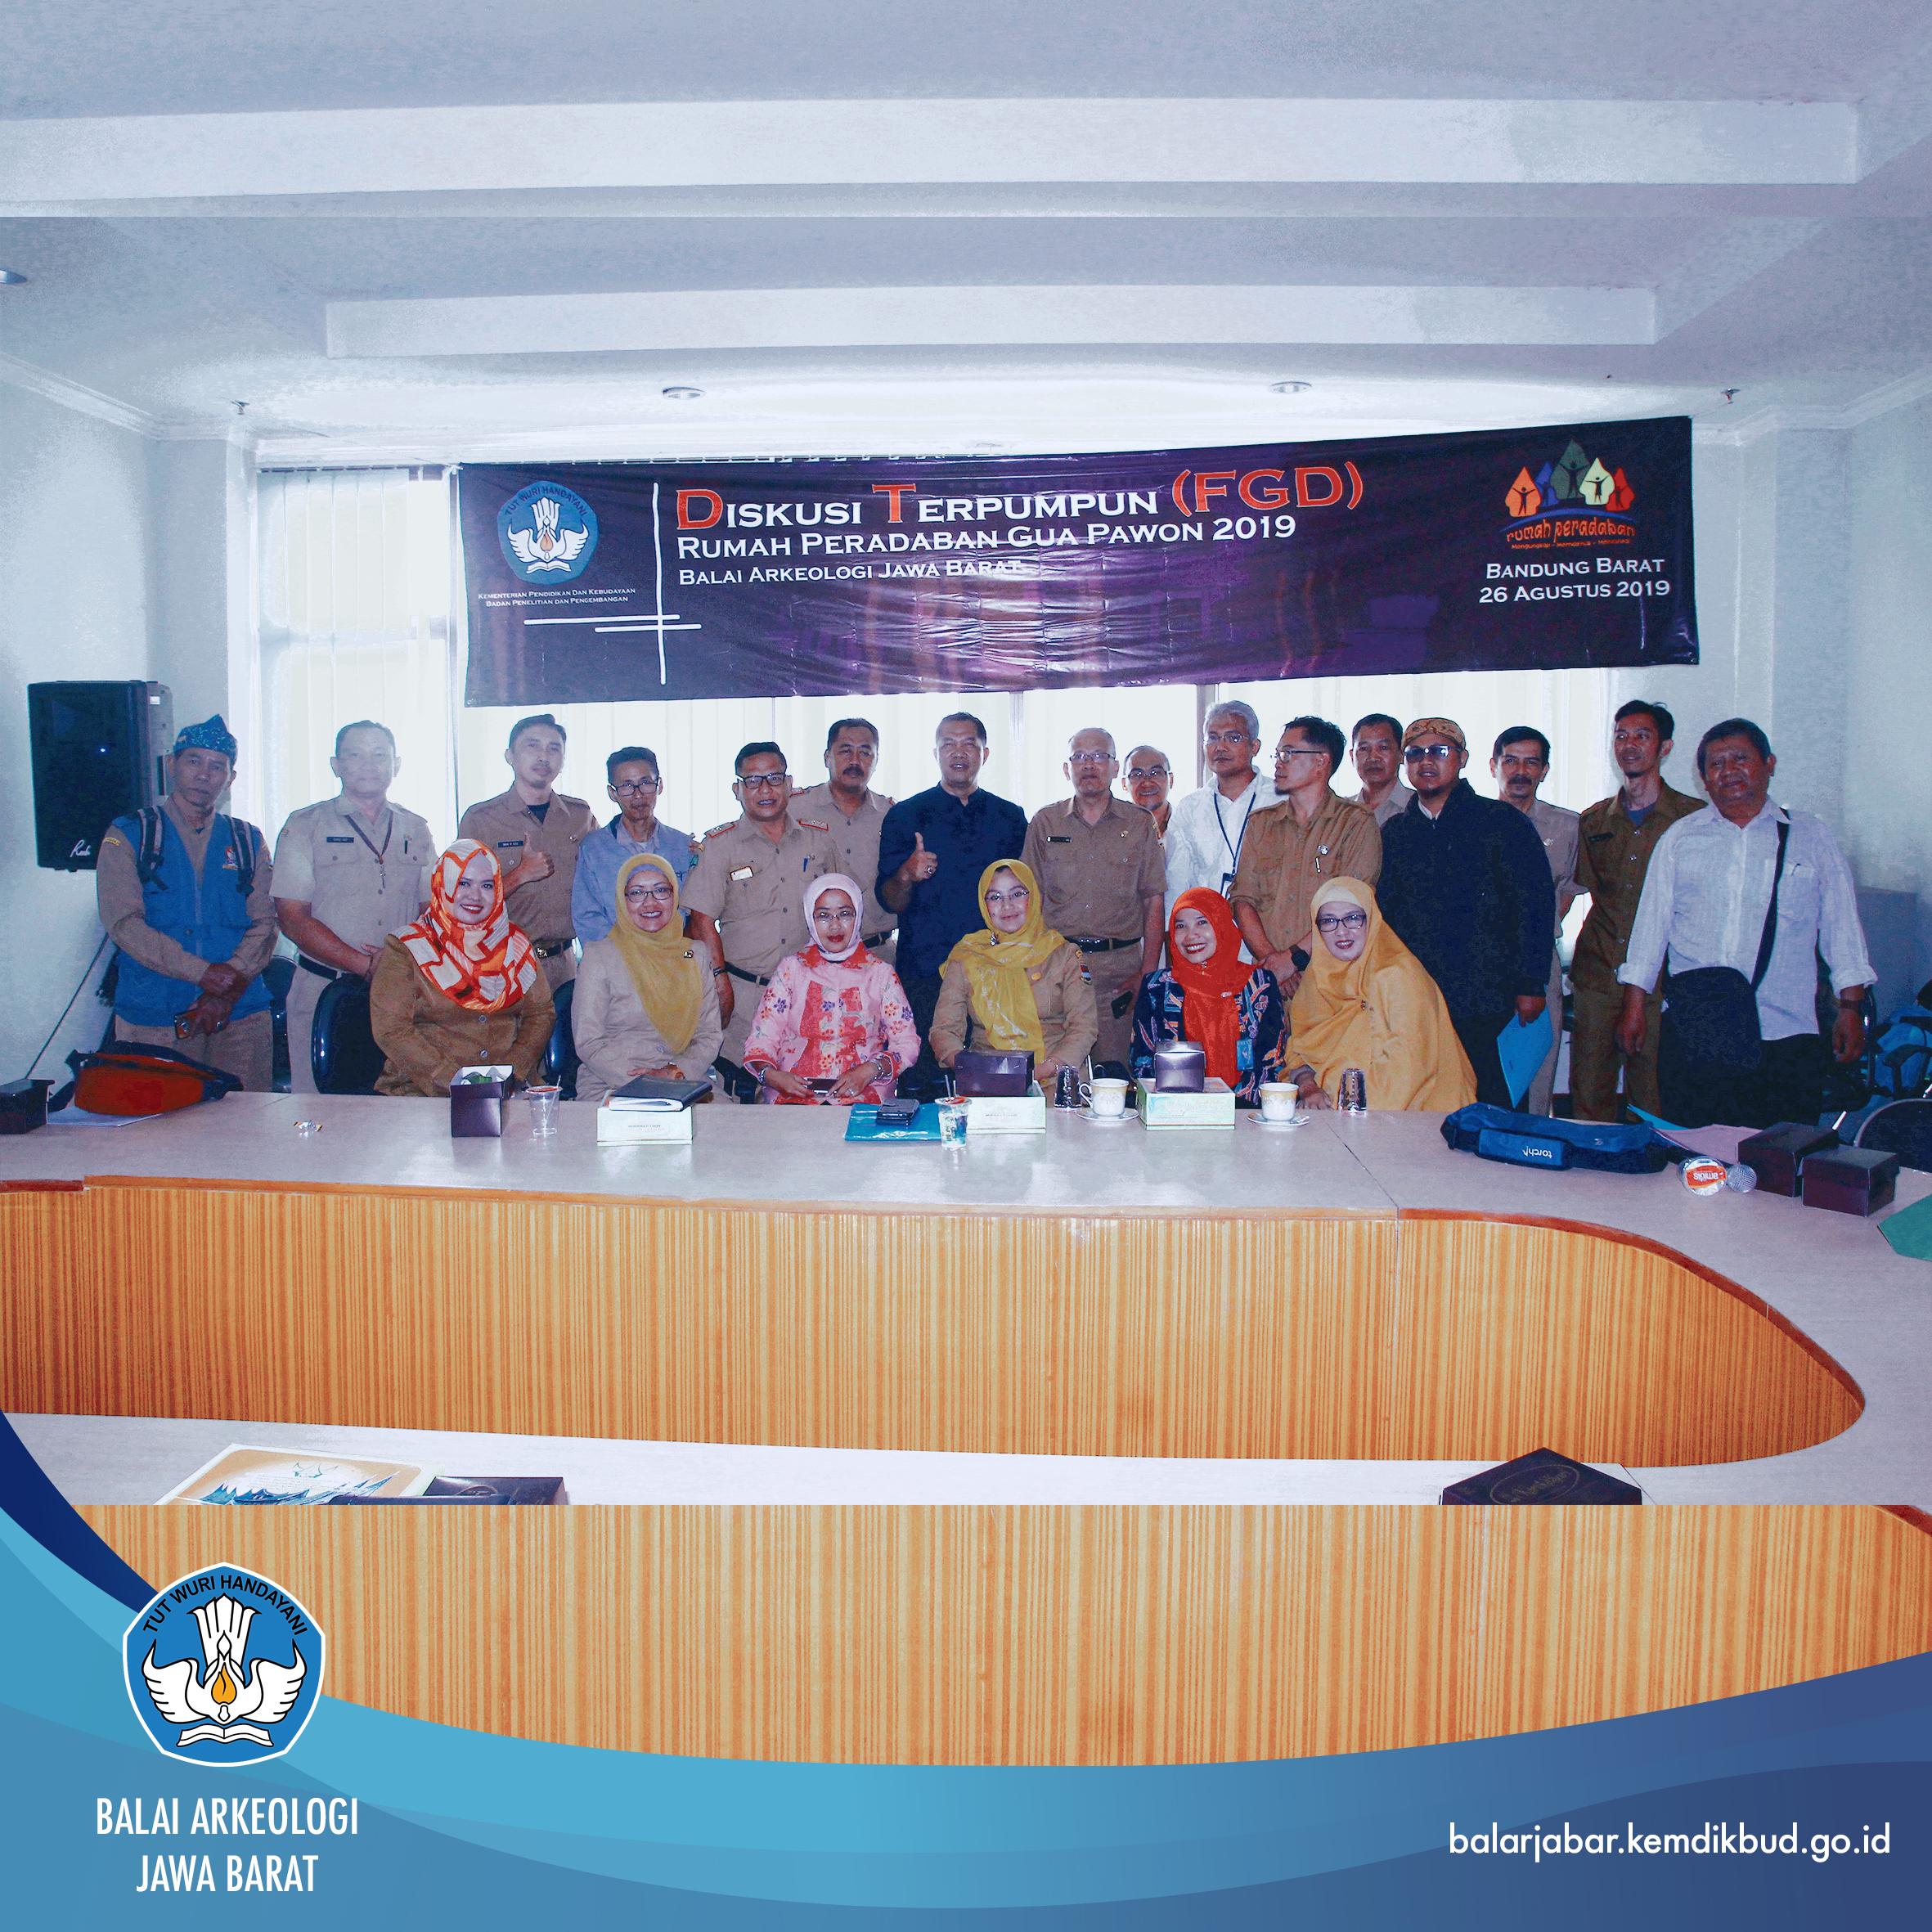 Diskusi Terpumpun (FGD) Rumah Peradaban Gua Pawon 2019